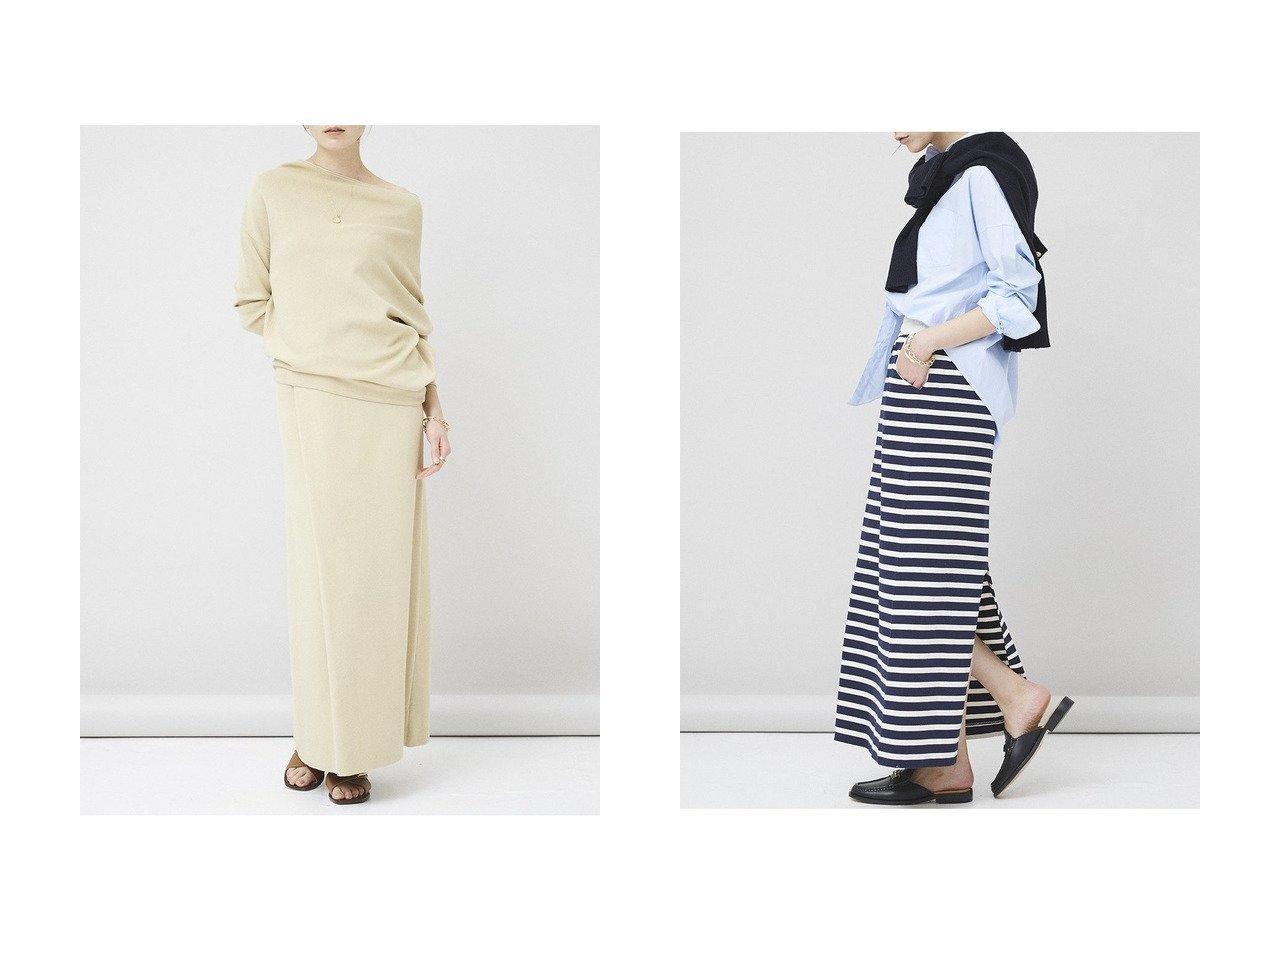 【Curensology/カレンソロジー】のニュアンスニットスカート&【&RC】ボーダースカート スカートのおすすめ!人気、トレンド・レディースファッションの通販 おすすめで人気の流行・トレンド、ファッションの通販商品 メンズファッション・キッズファッション・インテリア・家具・レディースファッション・服の通販 founy(ファニー) https://founy.com/ ファッション Fashion レディースファッション WOMEN スカート Skirt ロングスカート Long Skirt 2021年 2021 2021 春夏 S/S SS Spring/Summer 2021 S/S 春夏 SS Spring/Summer ロング 春 Spring |ID:crp329100000015804